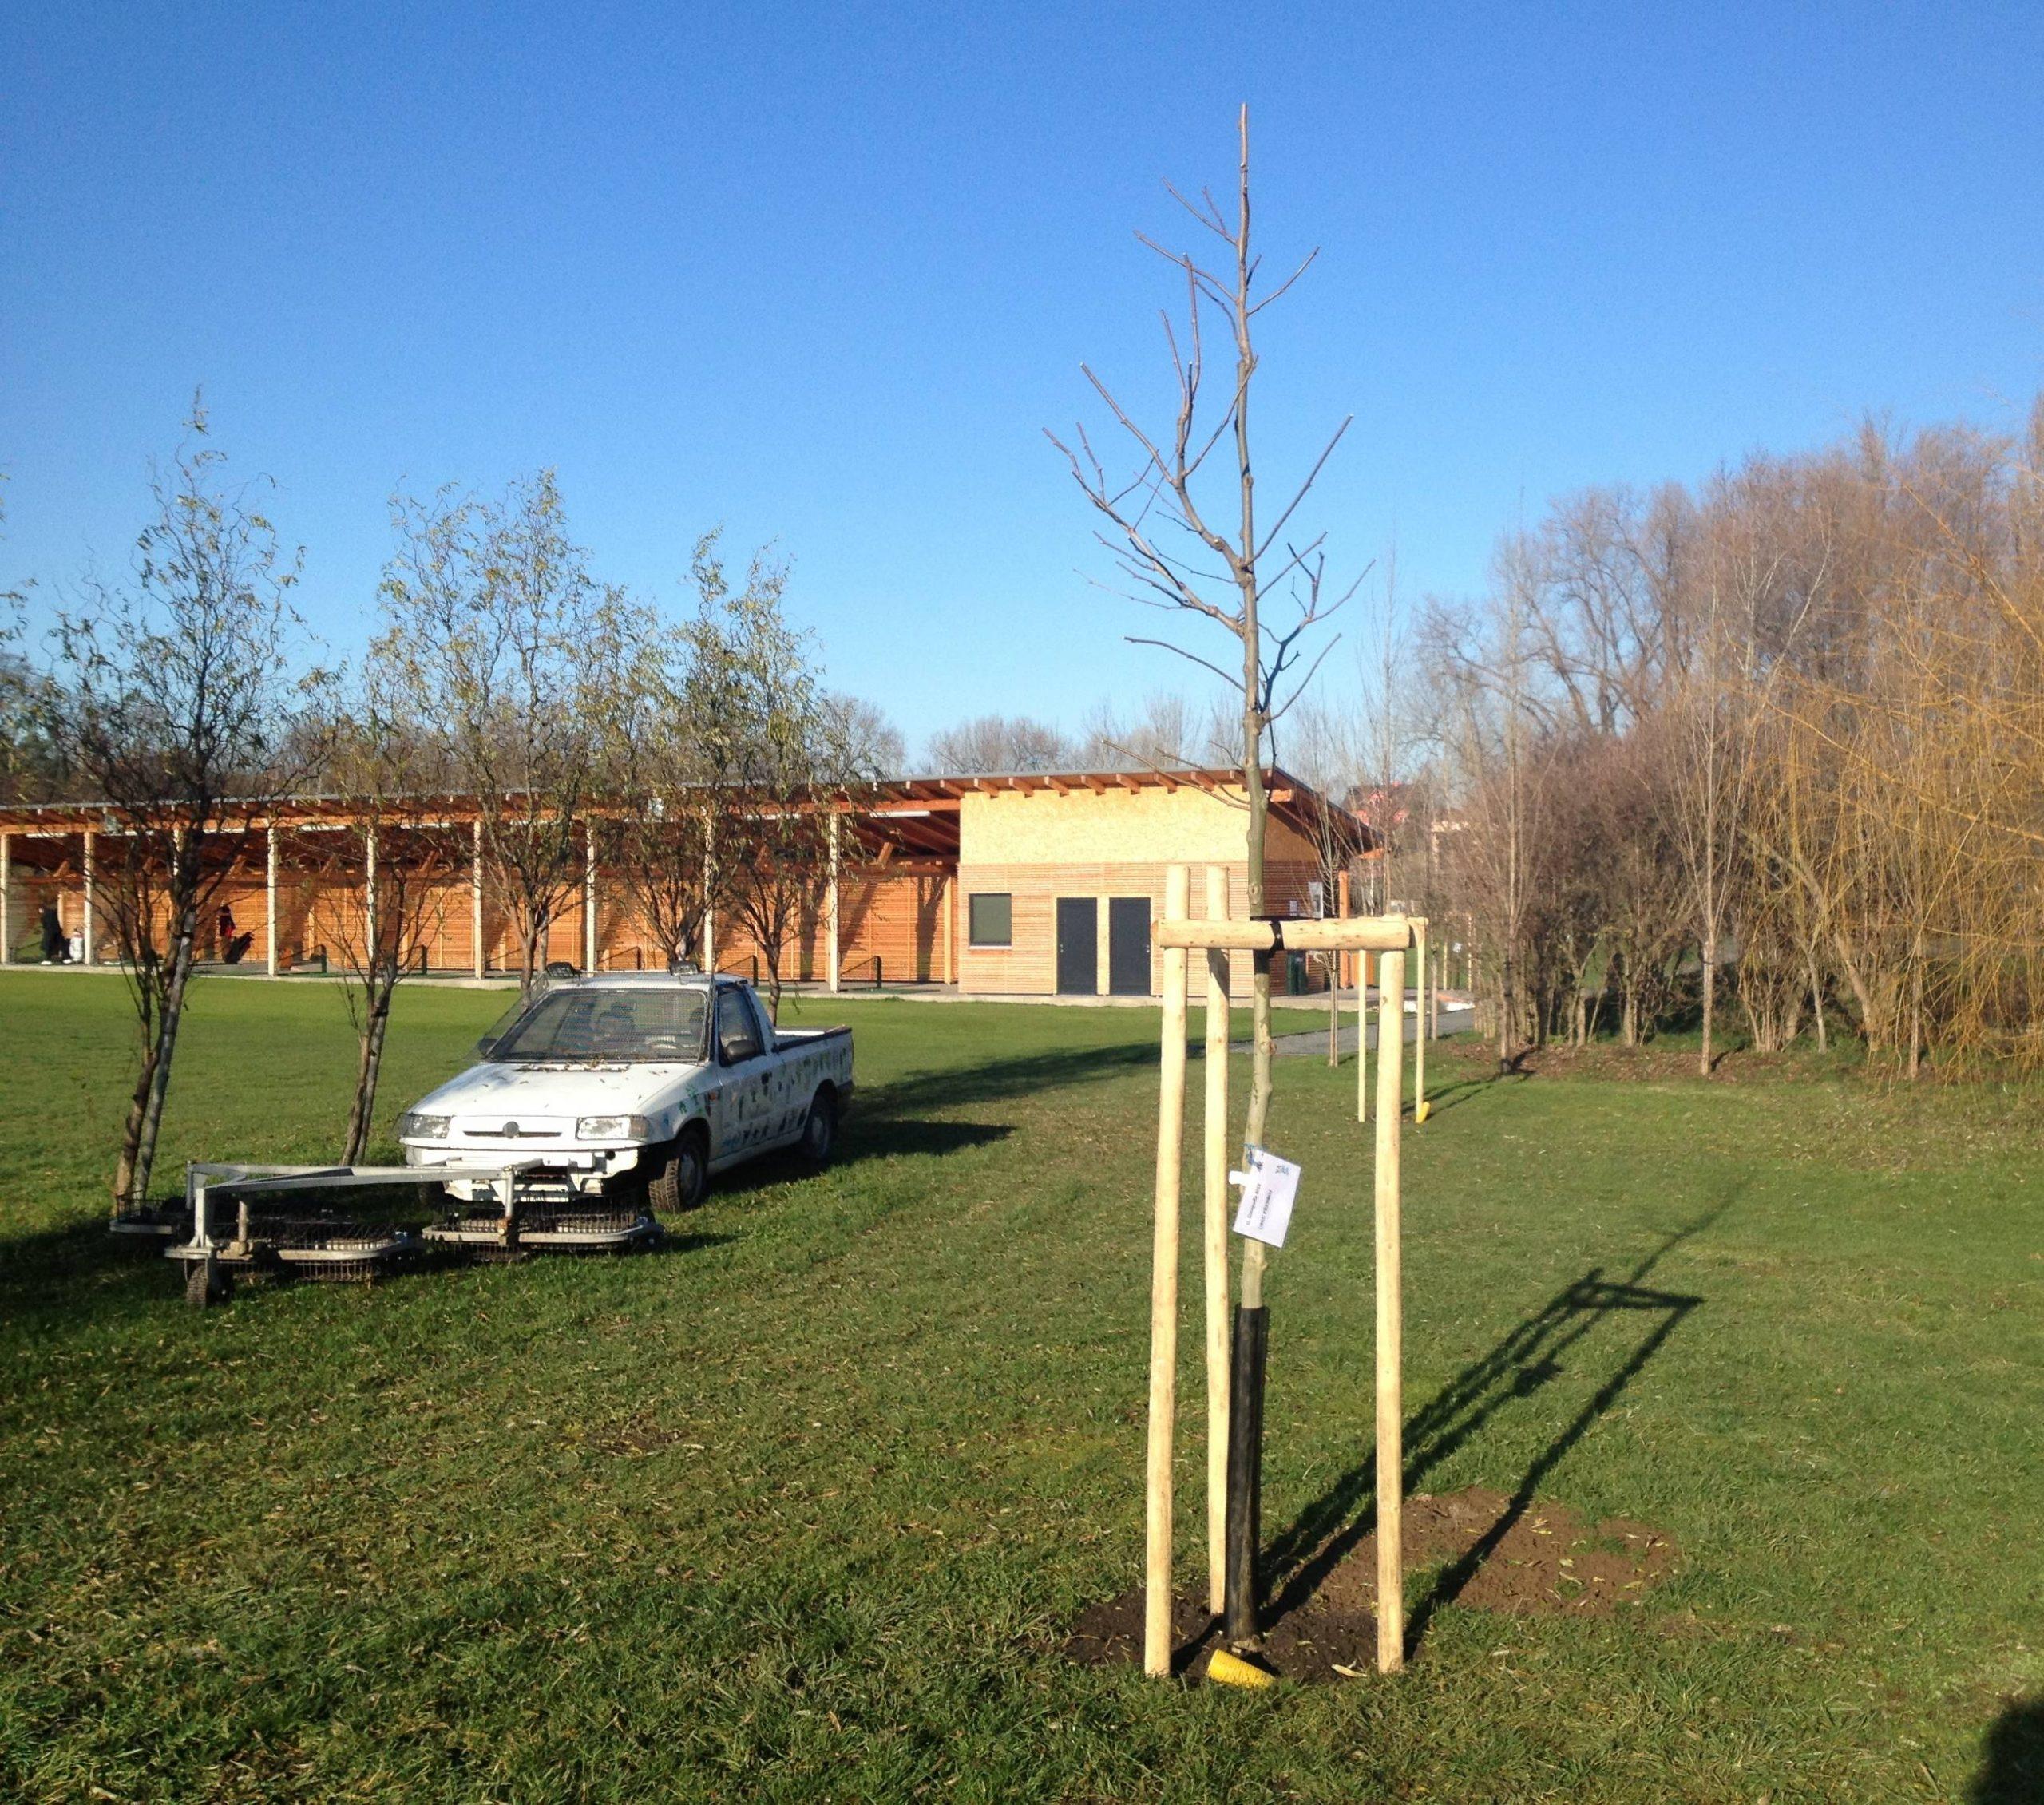 strom yard 11 2012